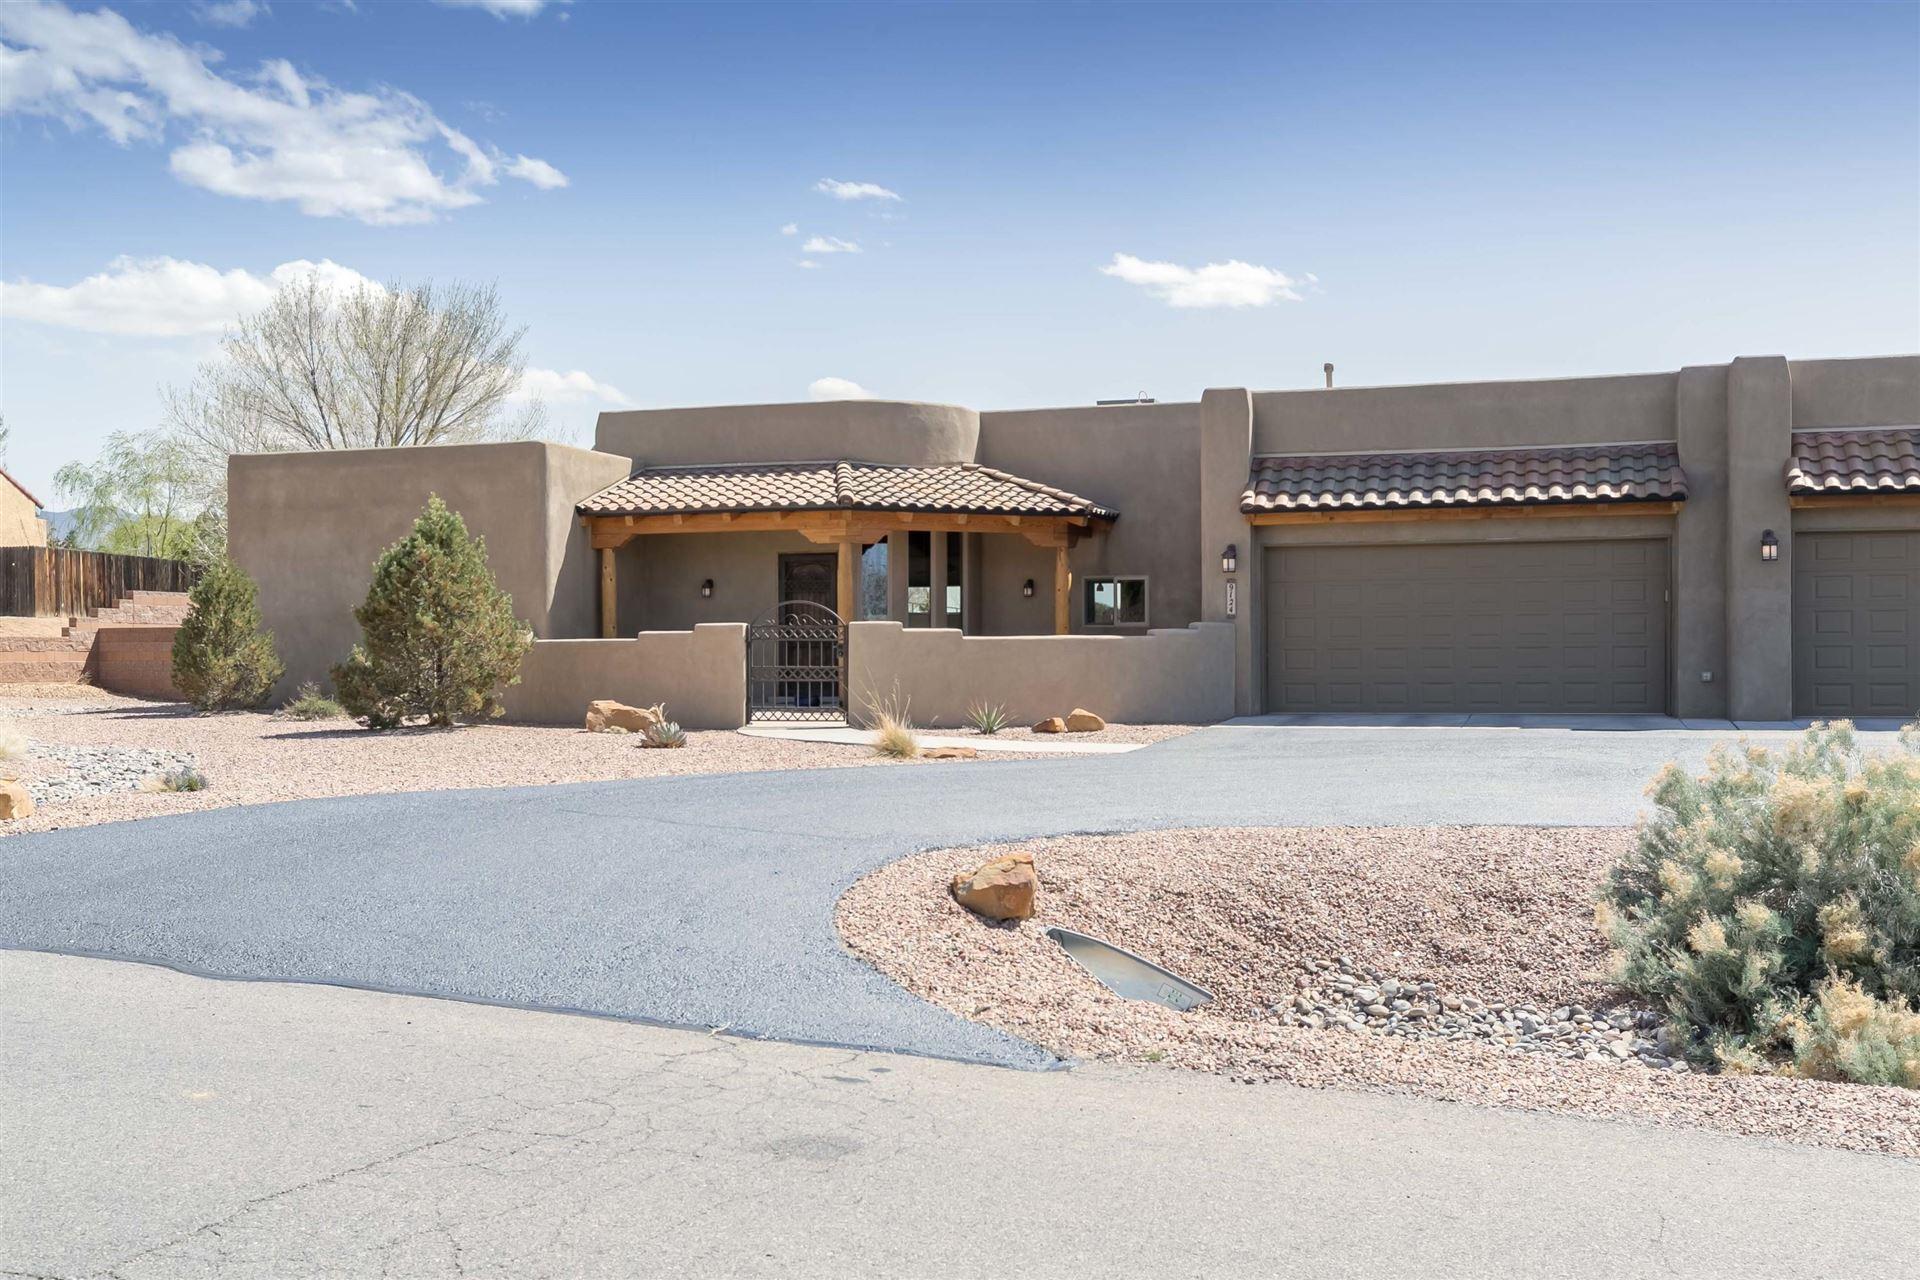 9124 OAKLAND Avenue NE, Albuquerque, NM 87122 - MLS#: 989338